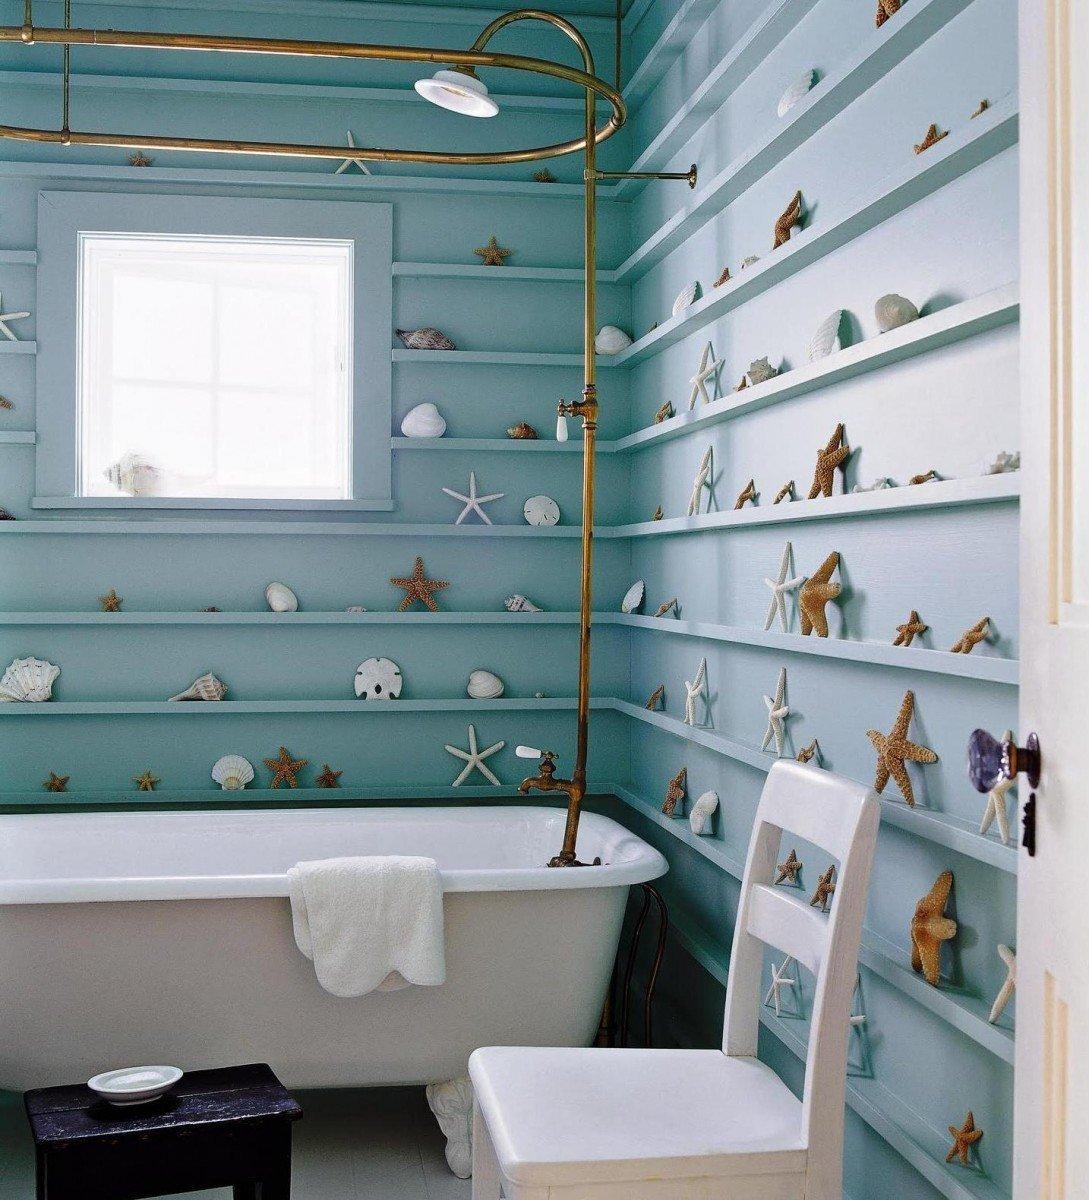 Beach themed Bathroom Wall Decor Elegant Beach themed Bathrooms for Inspiration